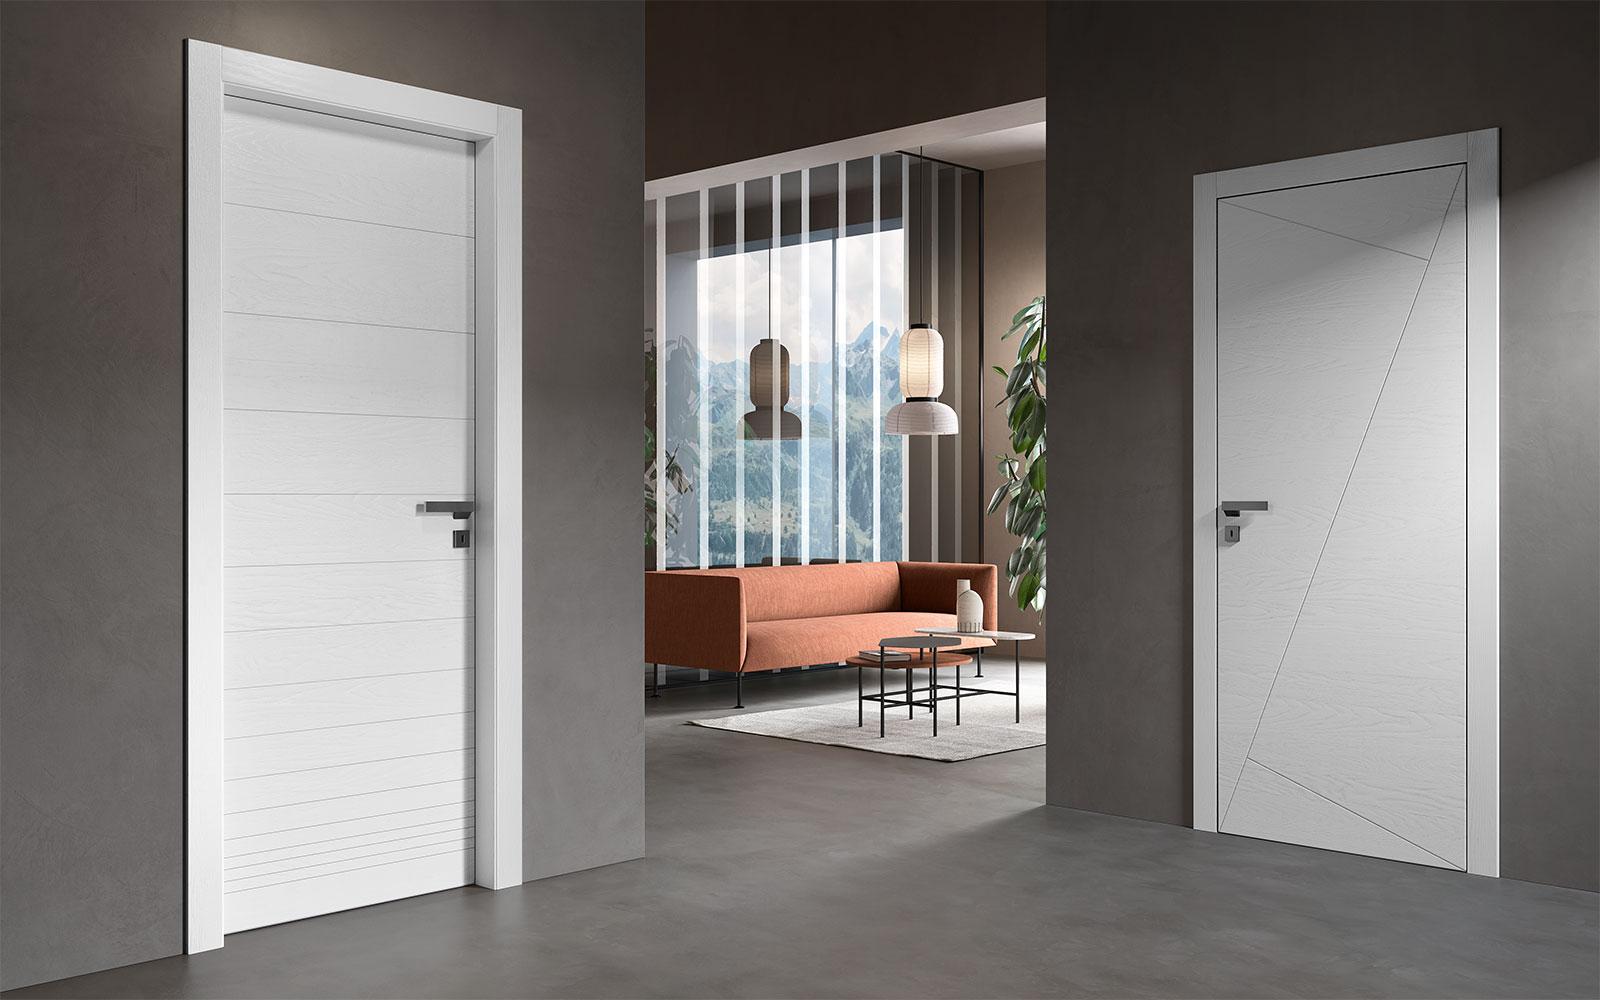 Porte laccate bianche con decoro moderno - Garofoli